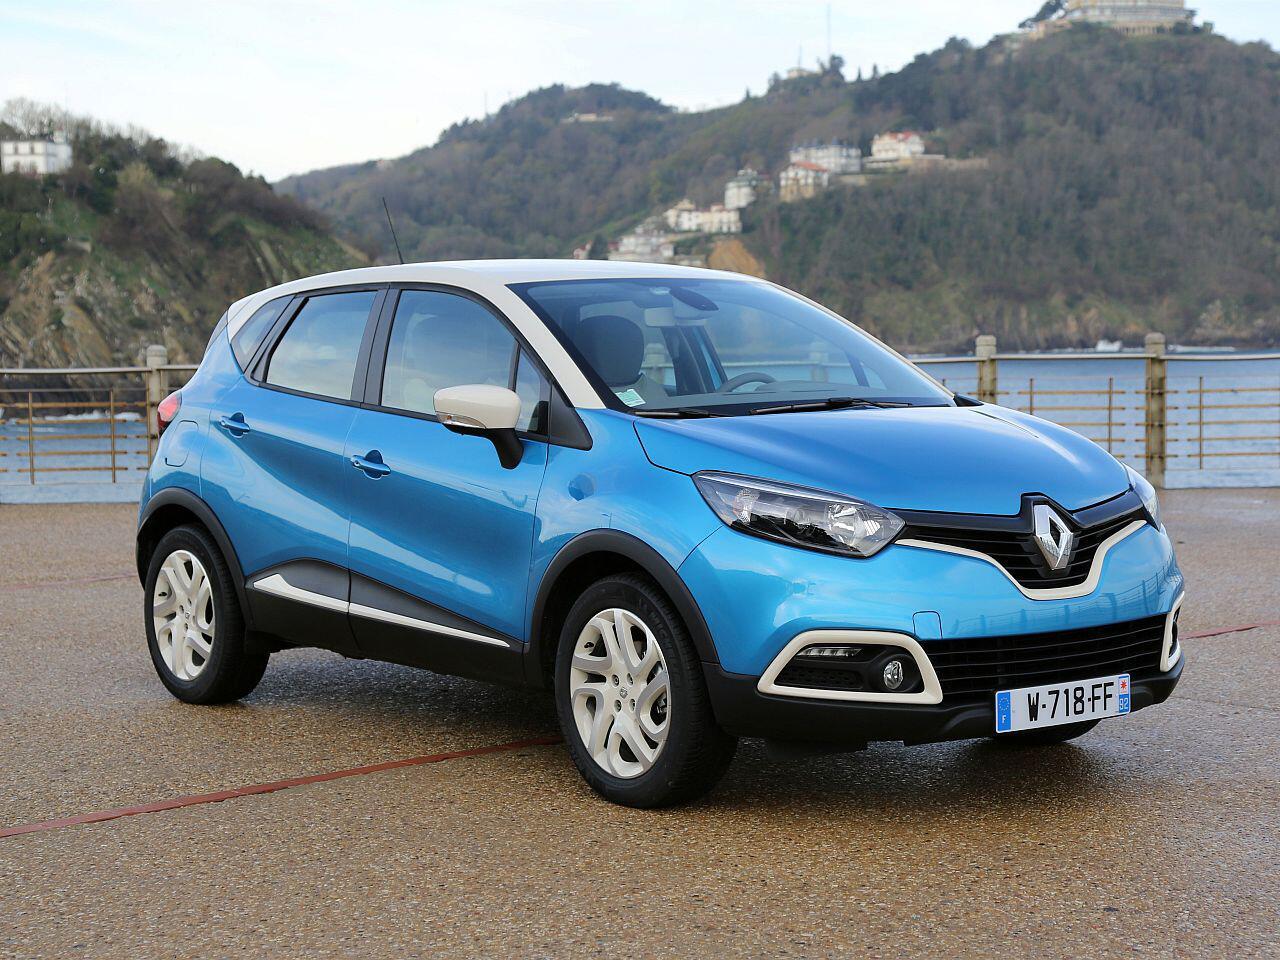 Bild zu 8. Platz: Renault Capture